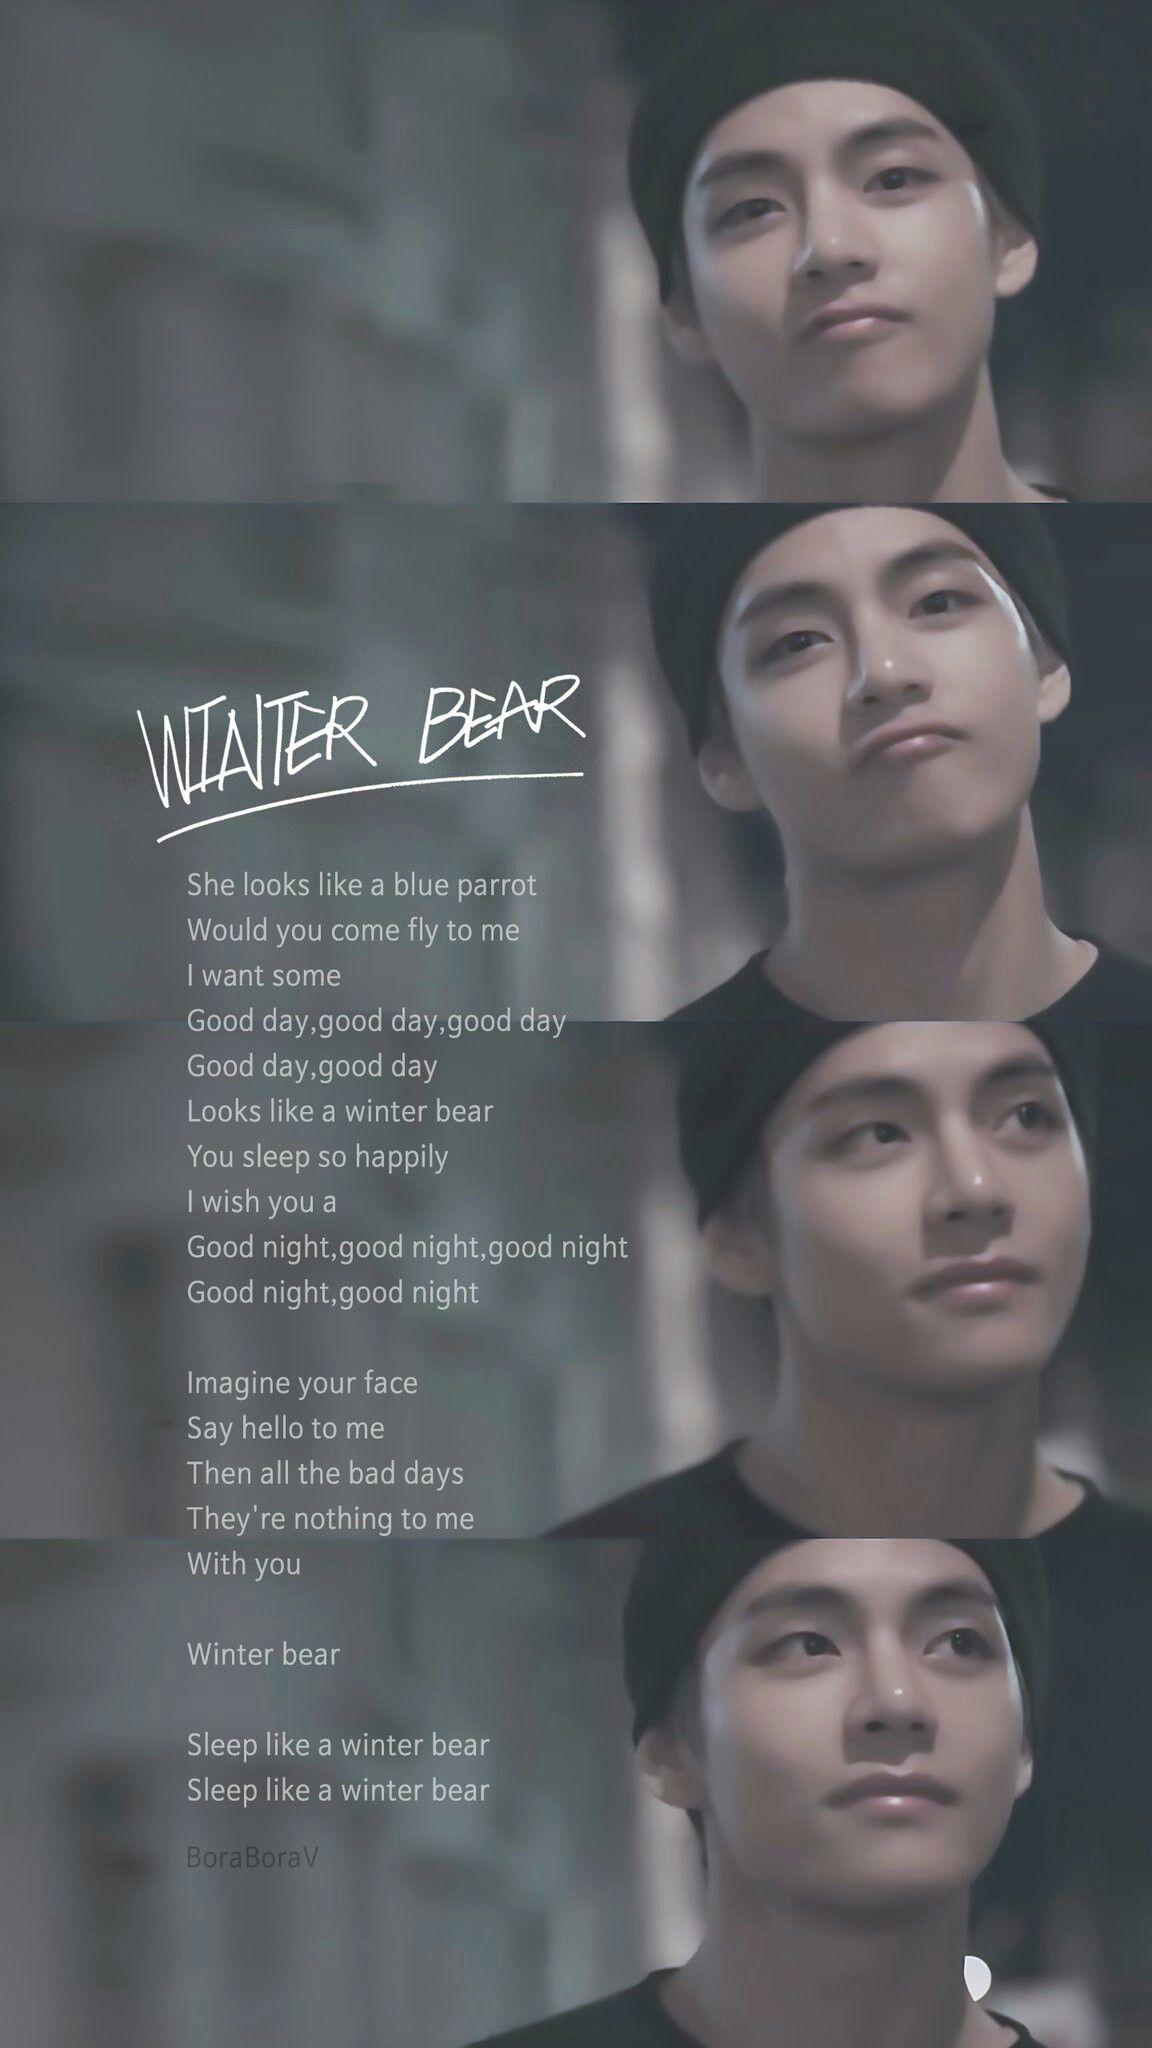 winter bear v in 2019 bts lyric bts song lyrics bts. Black Bedroom Furniture Sets. Home Design Ideas